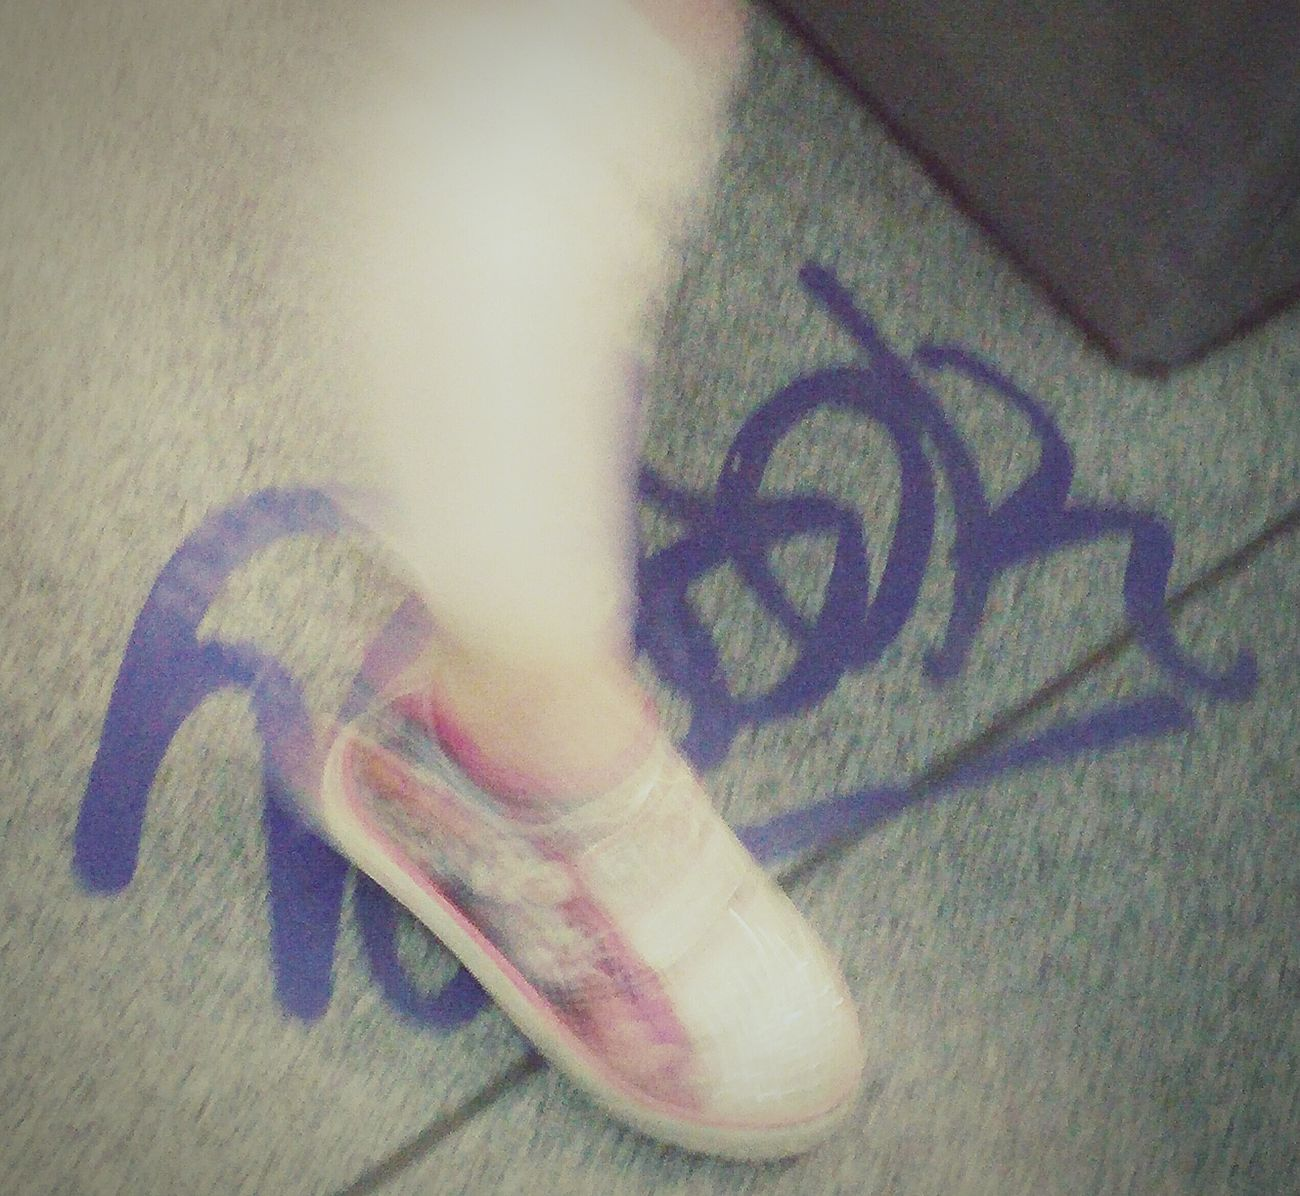 Pied sur tag Foot Pied Pie Shoe Soulier Sapato  Childhood Enfance Infancia Tag Purple Mauve  Subway Metro STM Montreal, Canada